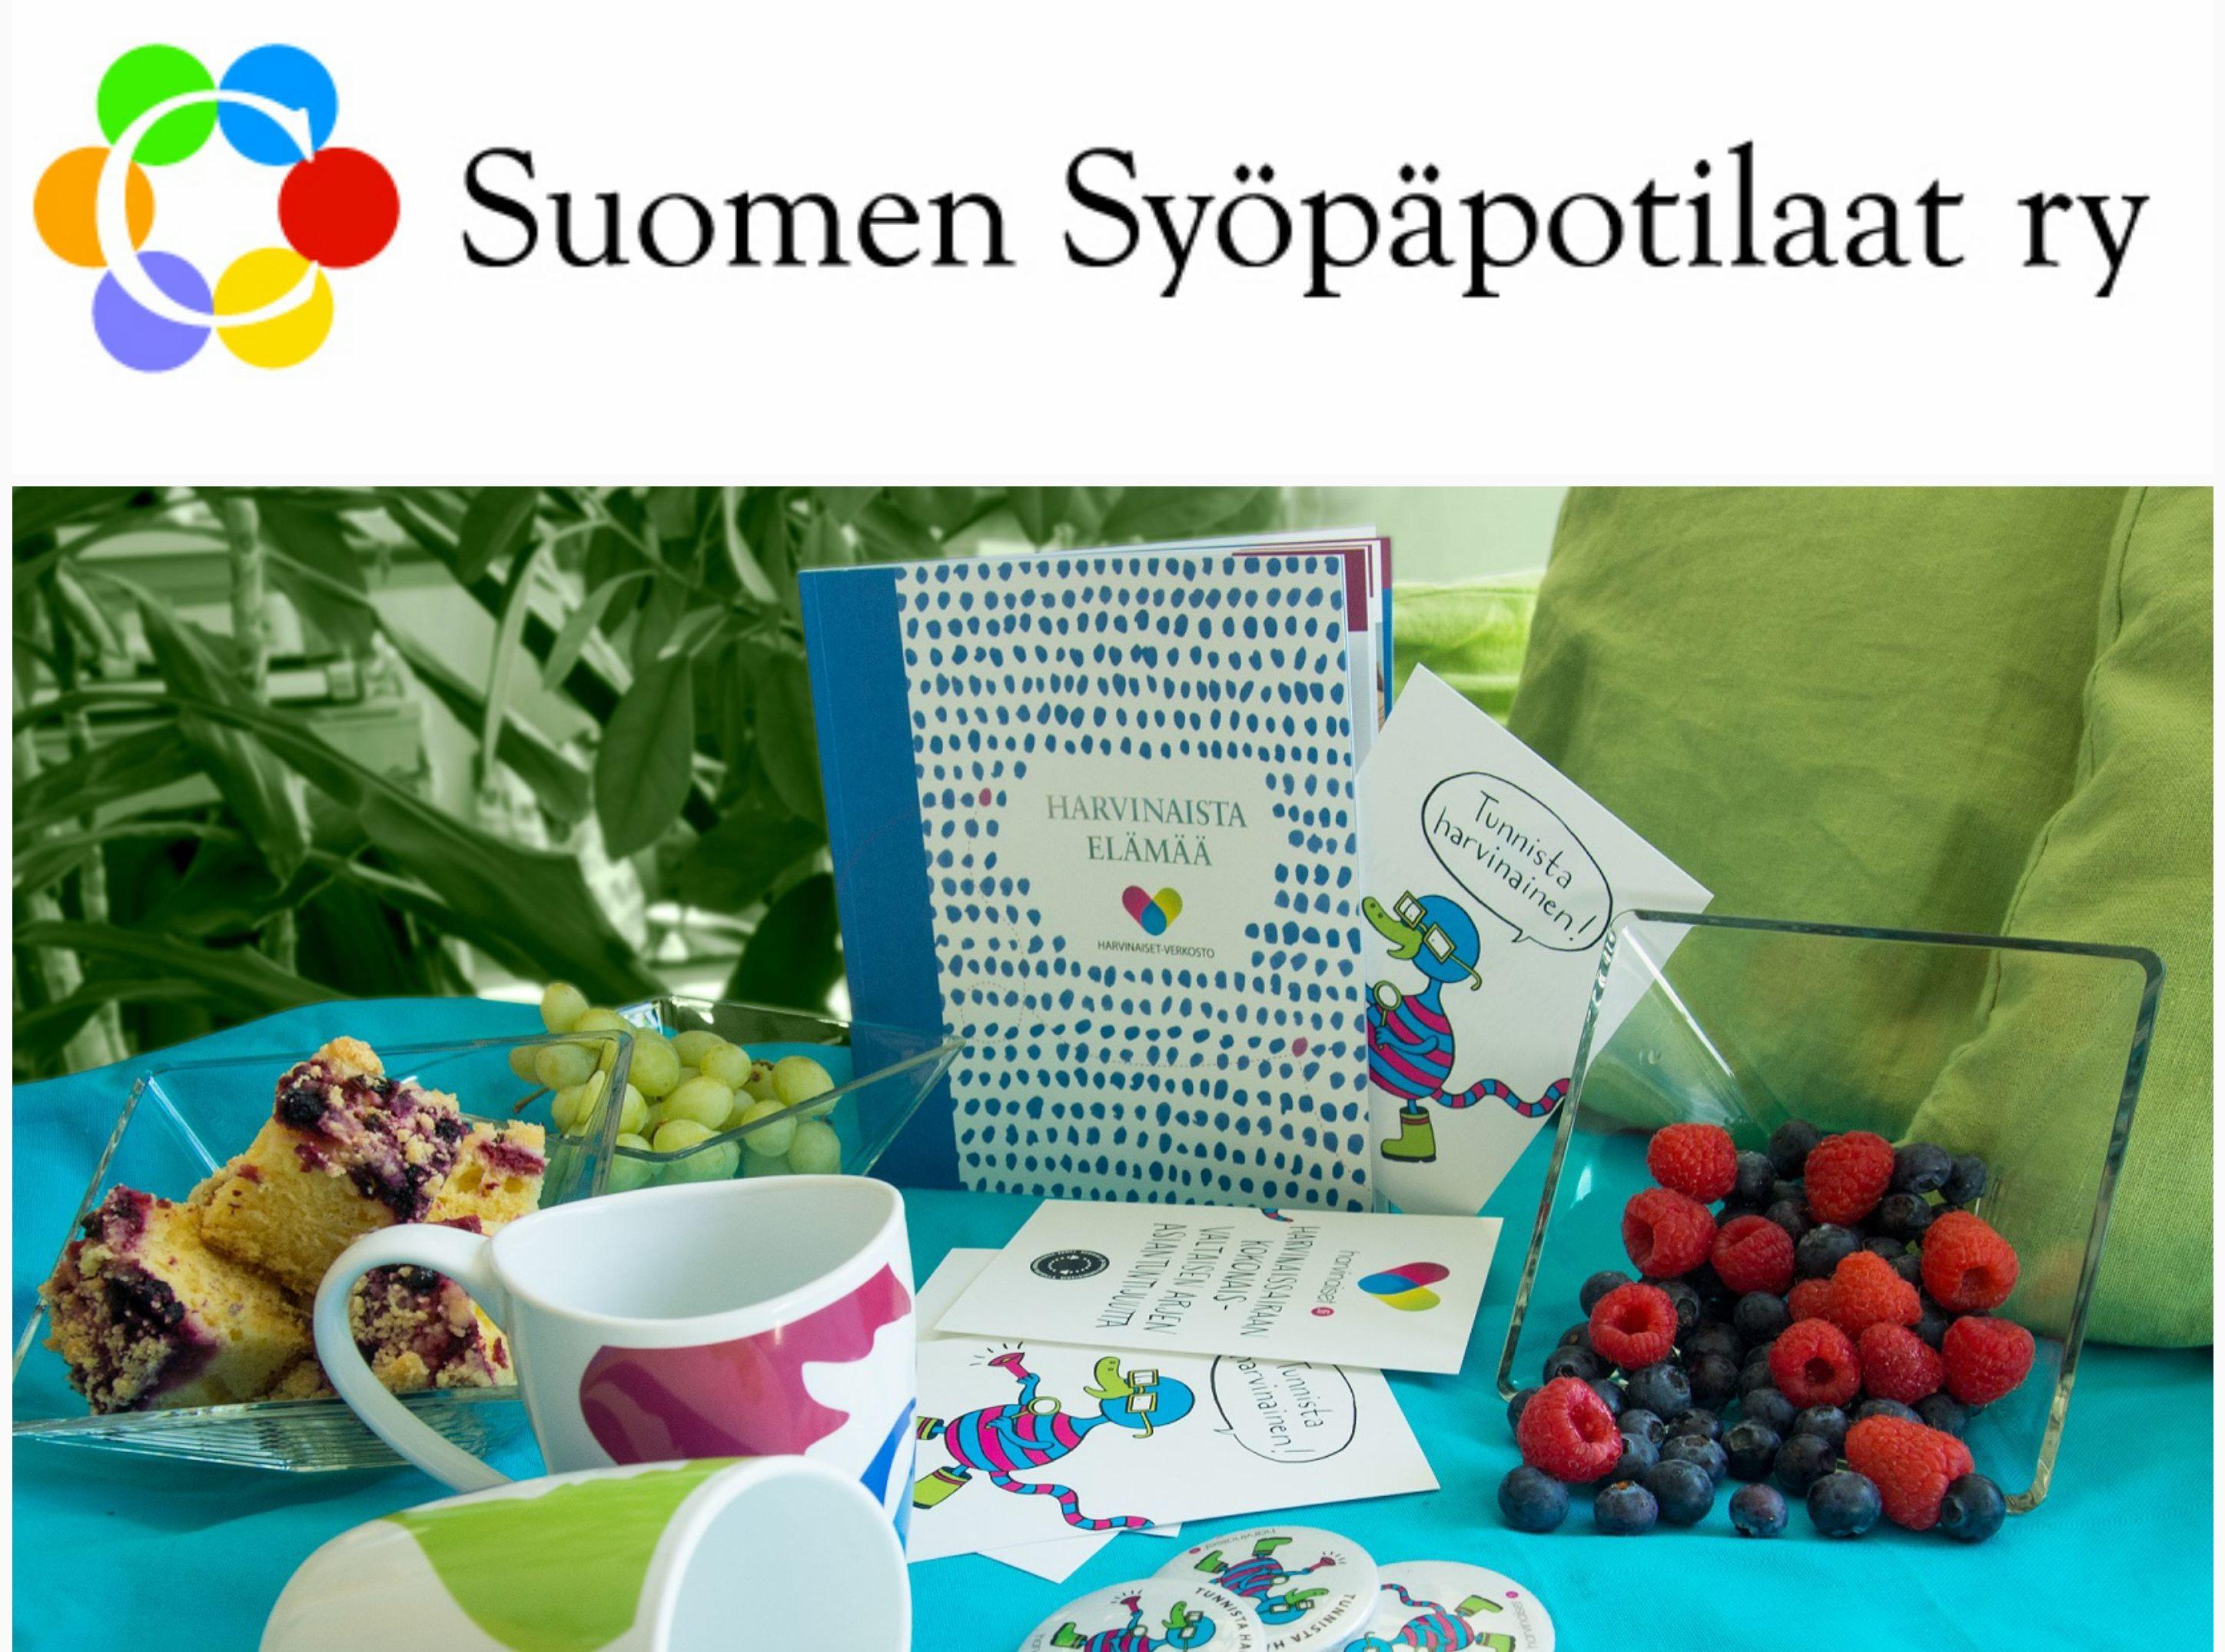 Suomen syöpäpotilaat -logo ja verkoston materiaaleja.